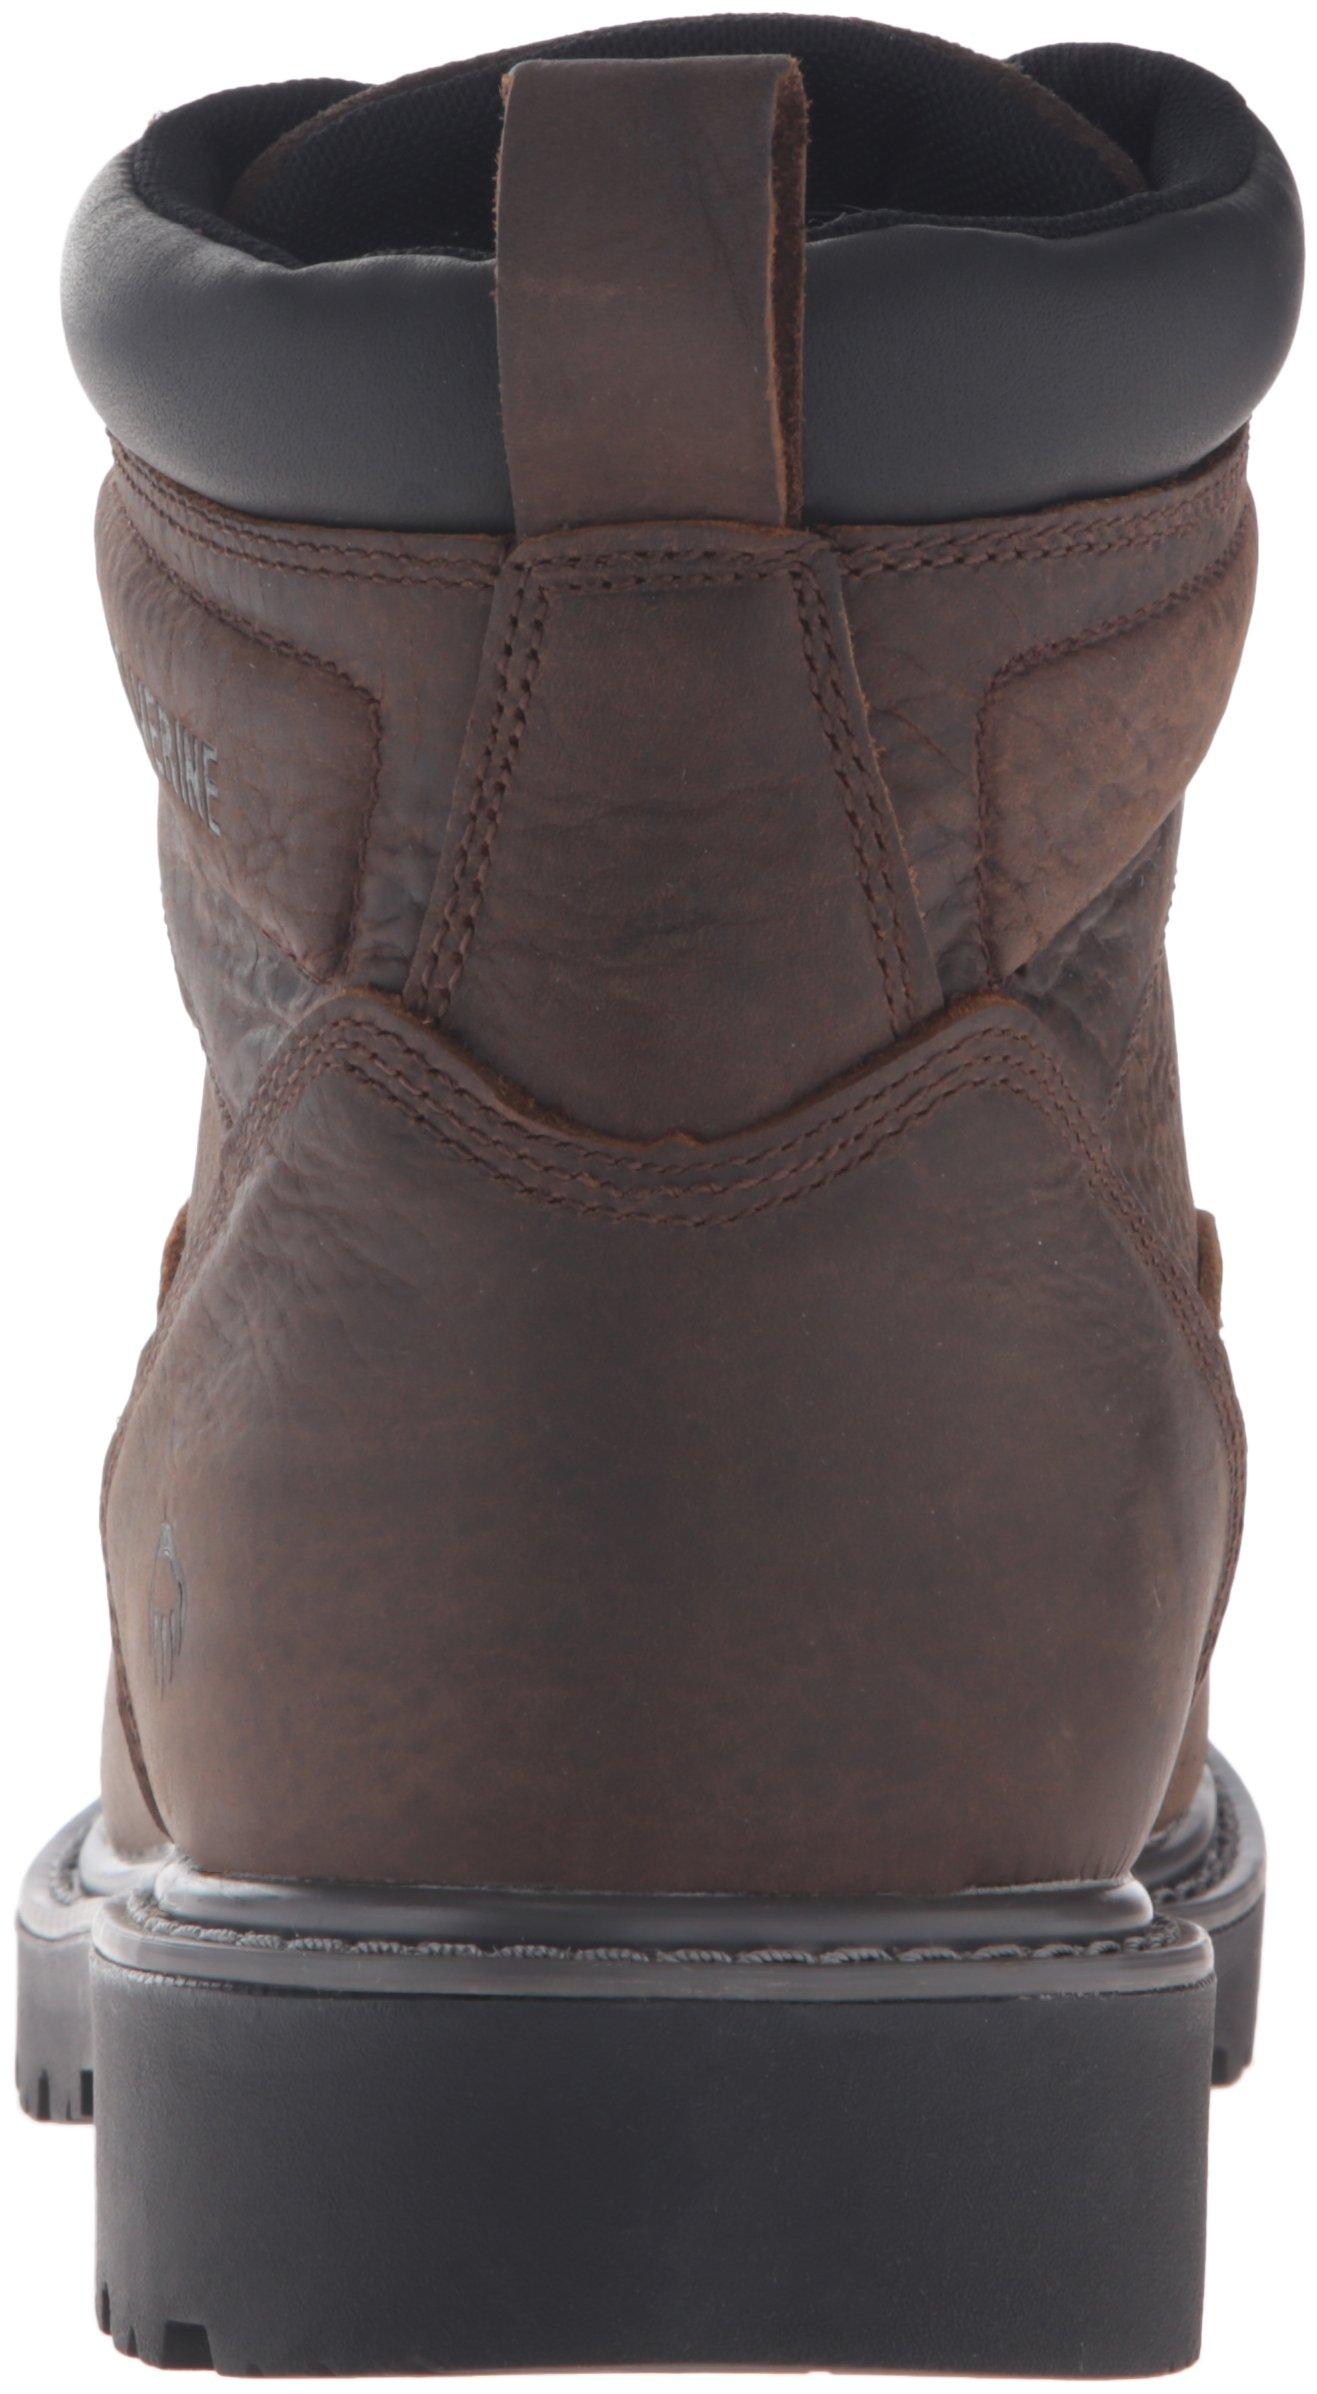 Wolverine Men's Floorhand 6 Inch Waterproof Steel Toe Work Shoe, Dark Brown, 9.5 M US by Wolverine (Image #2)